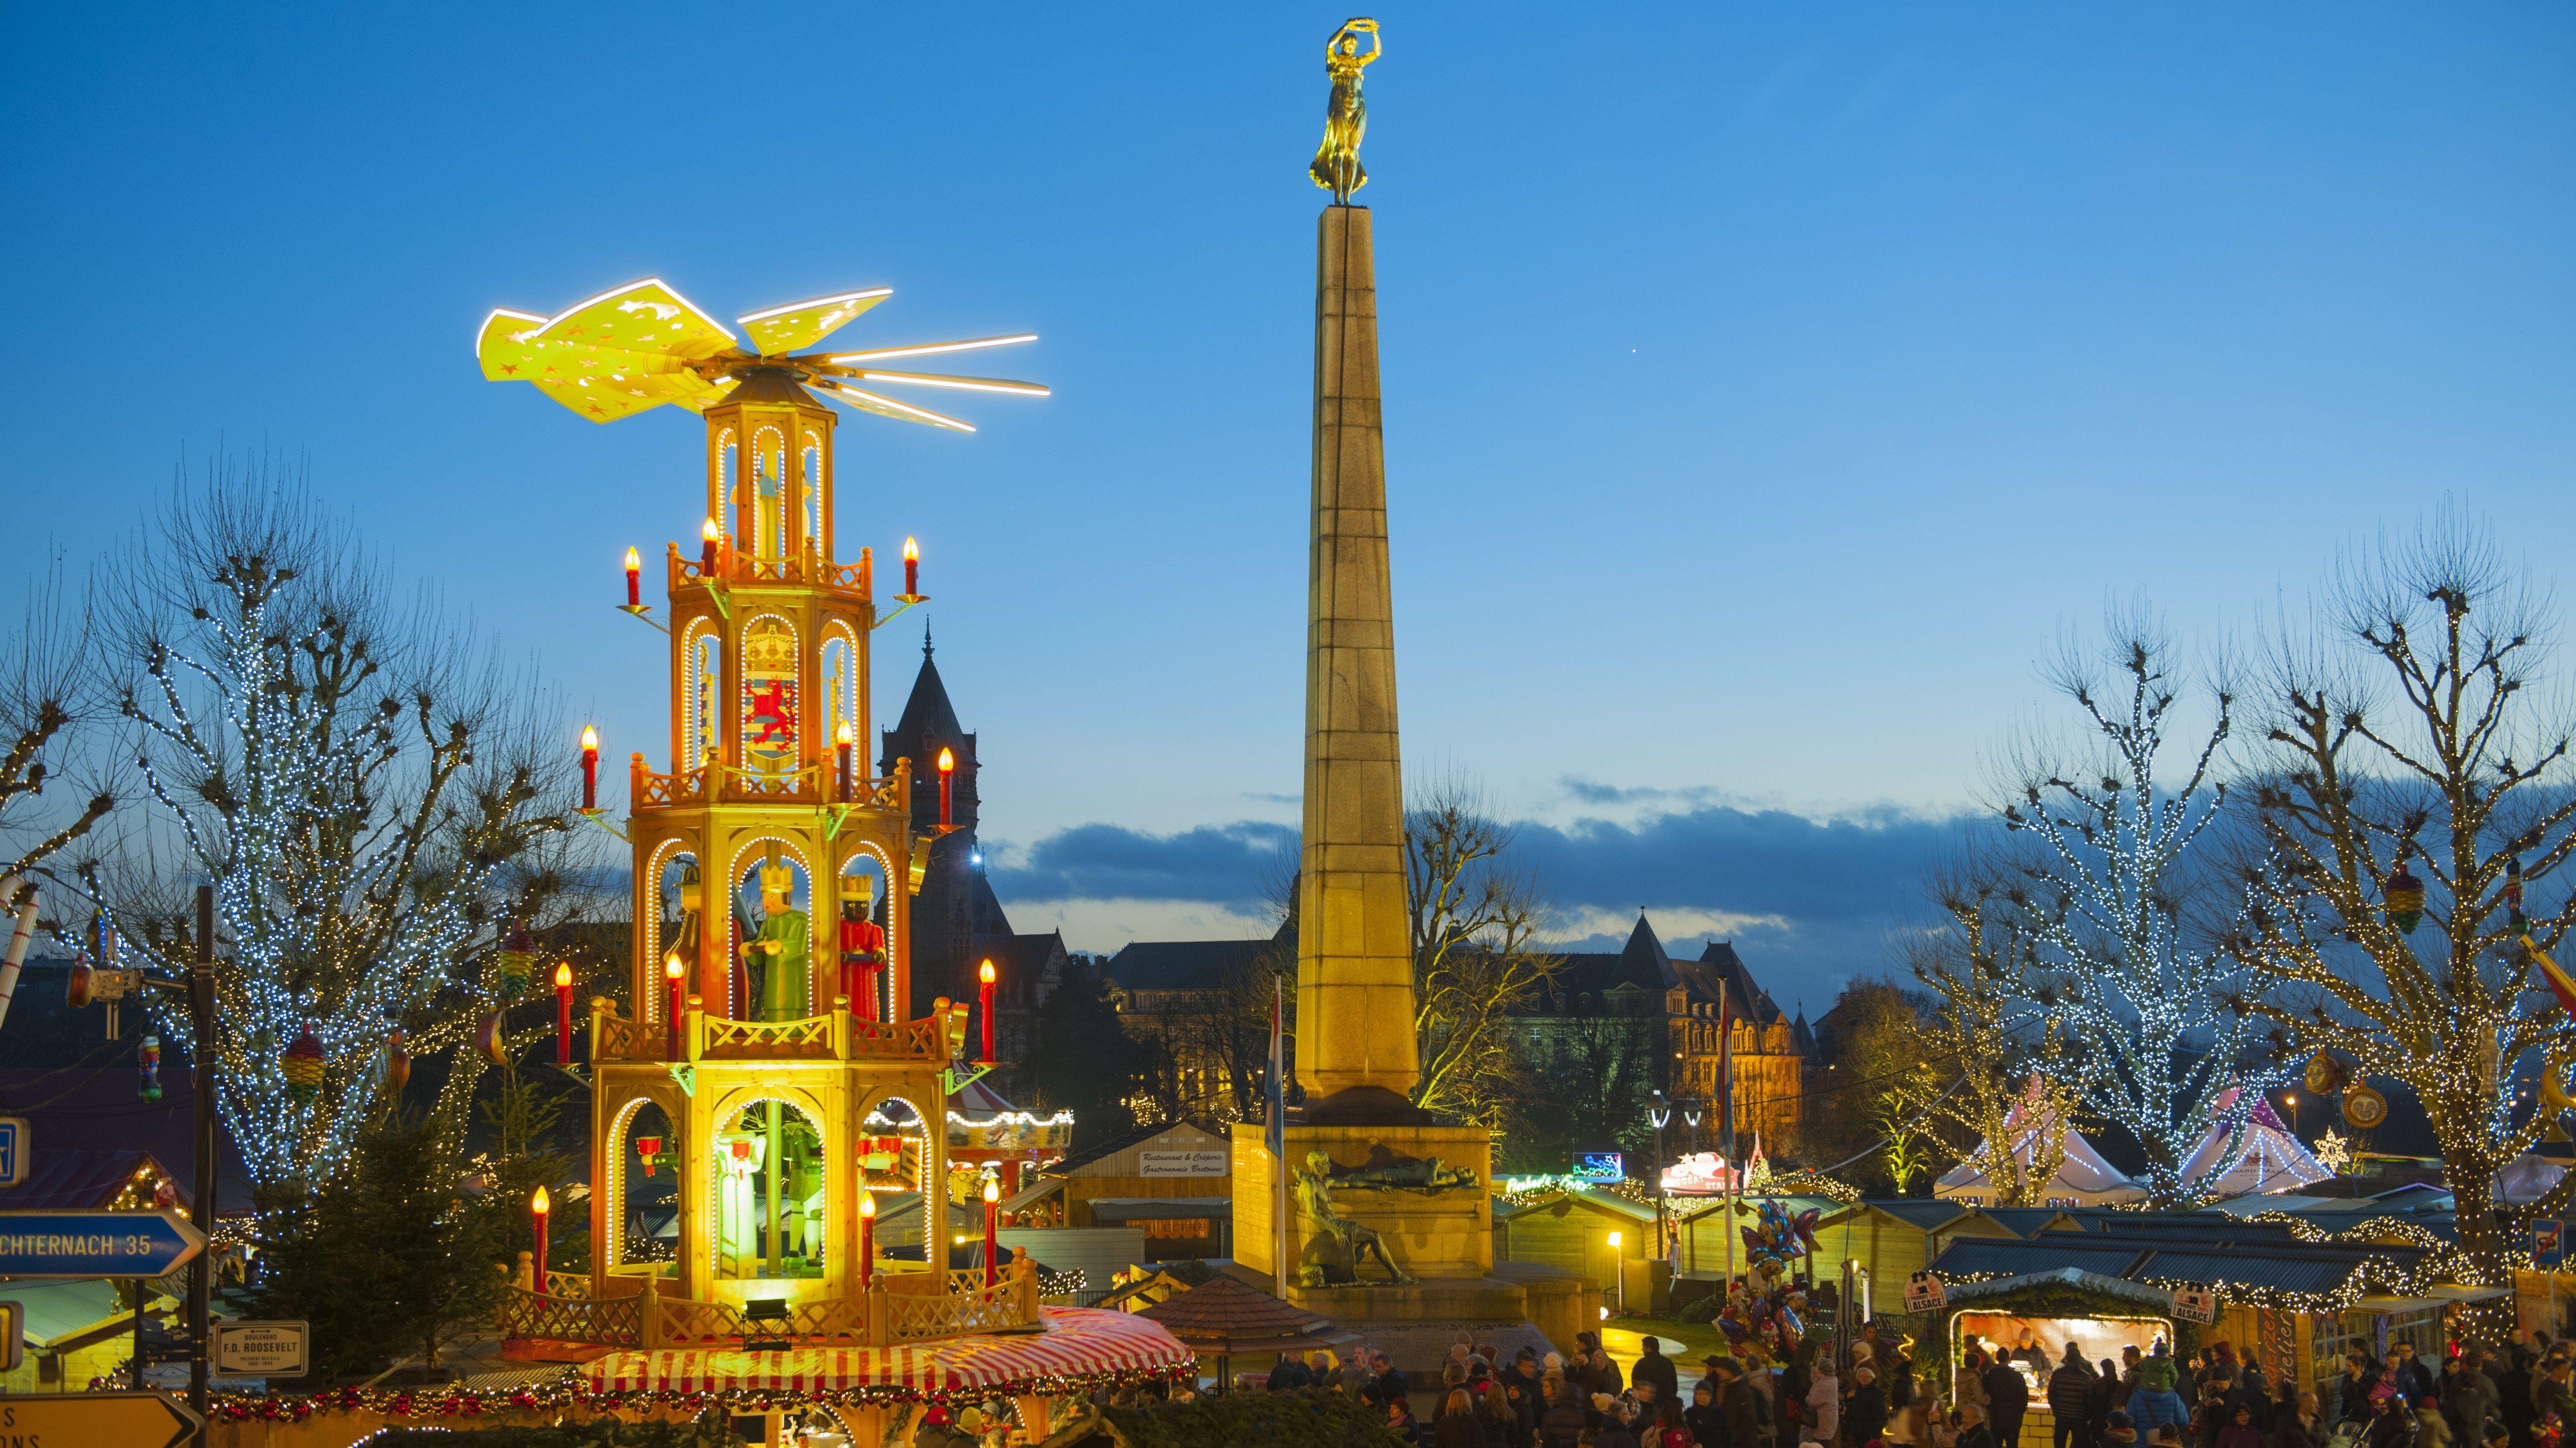 Der Weihnachtsmarkt in Luxemburg im Abendlicht.